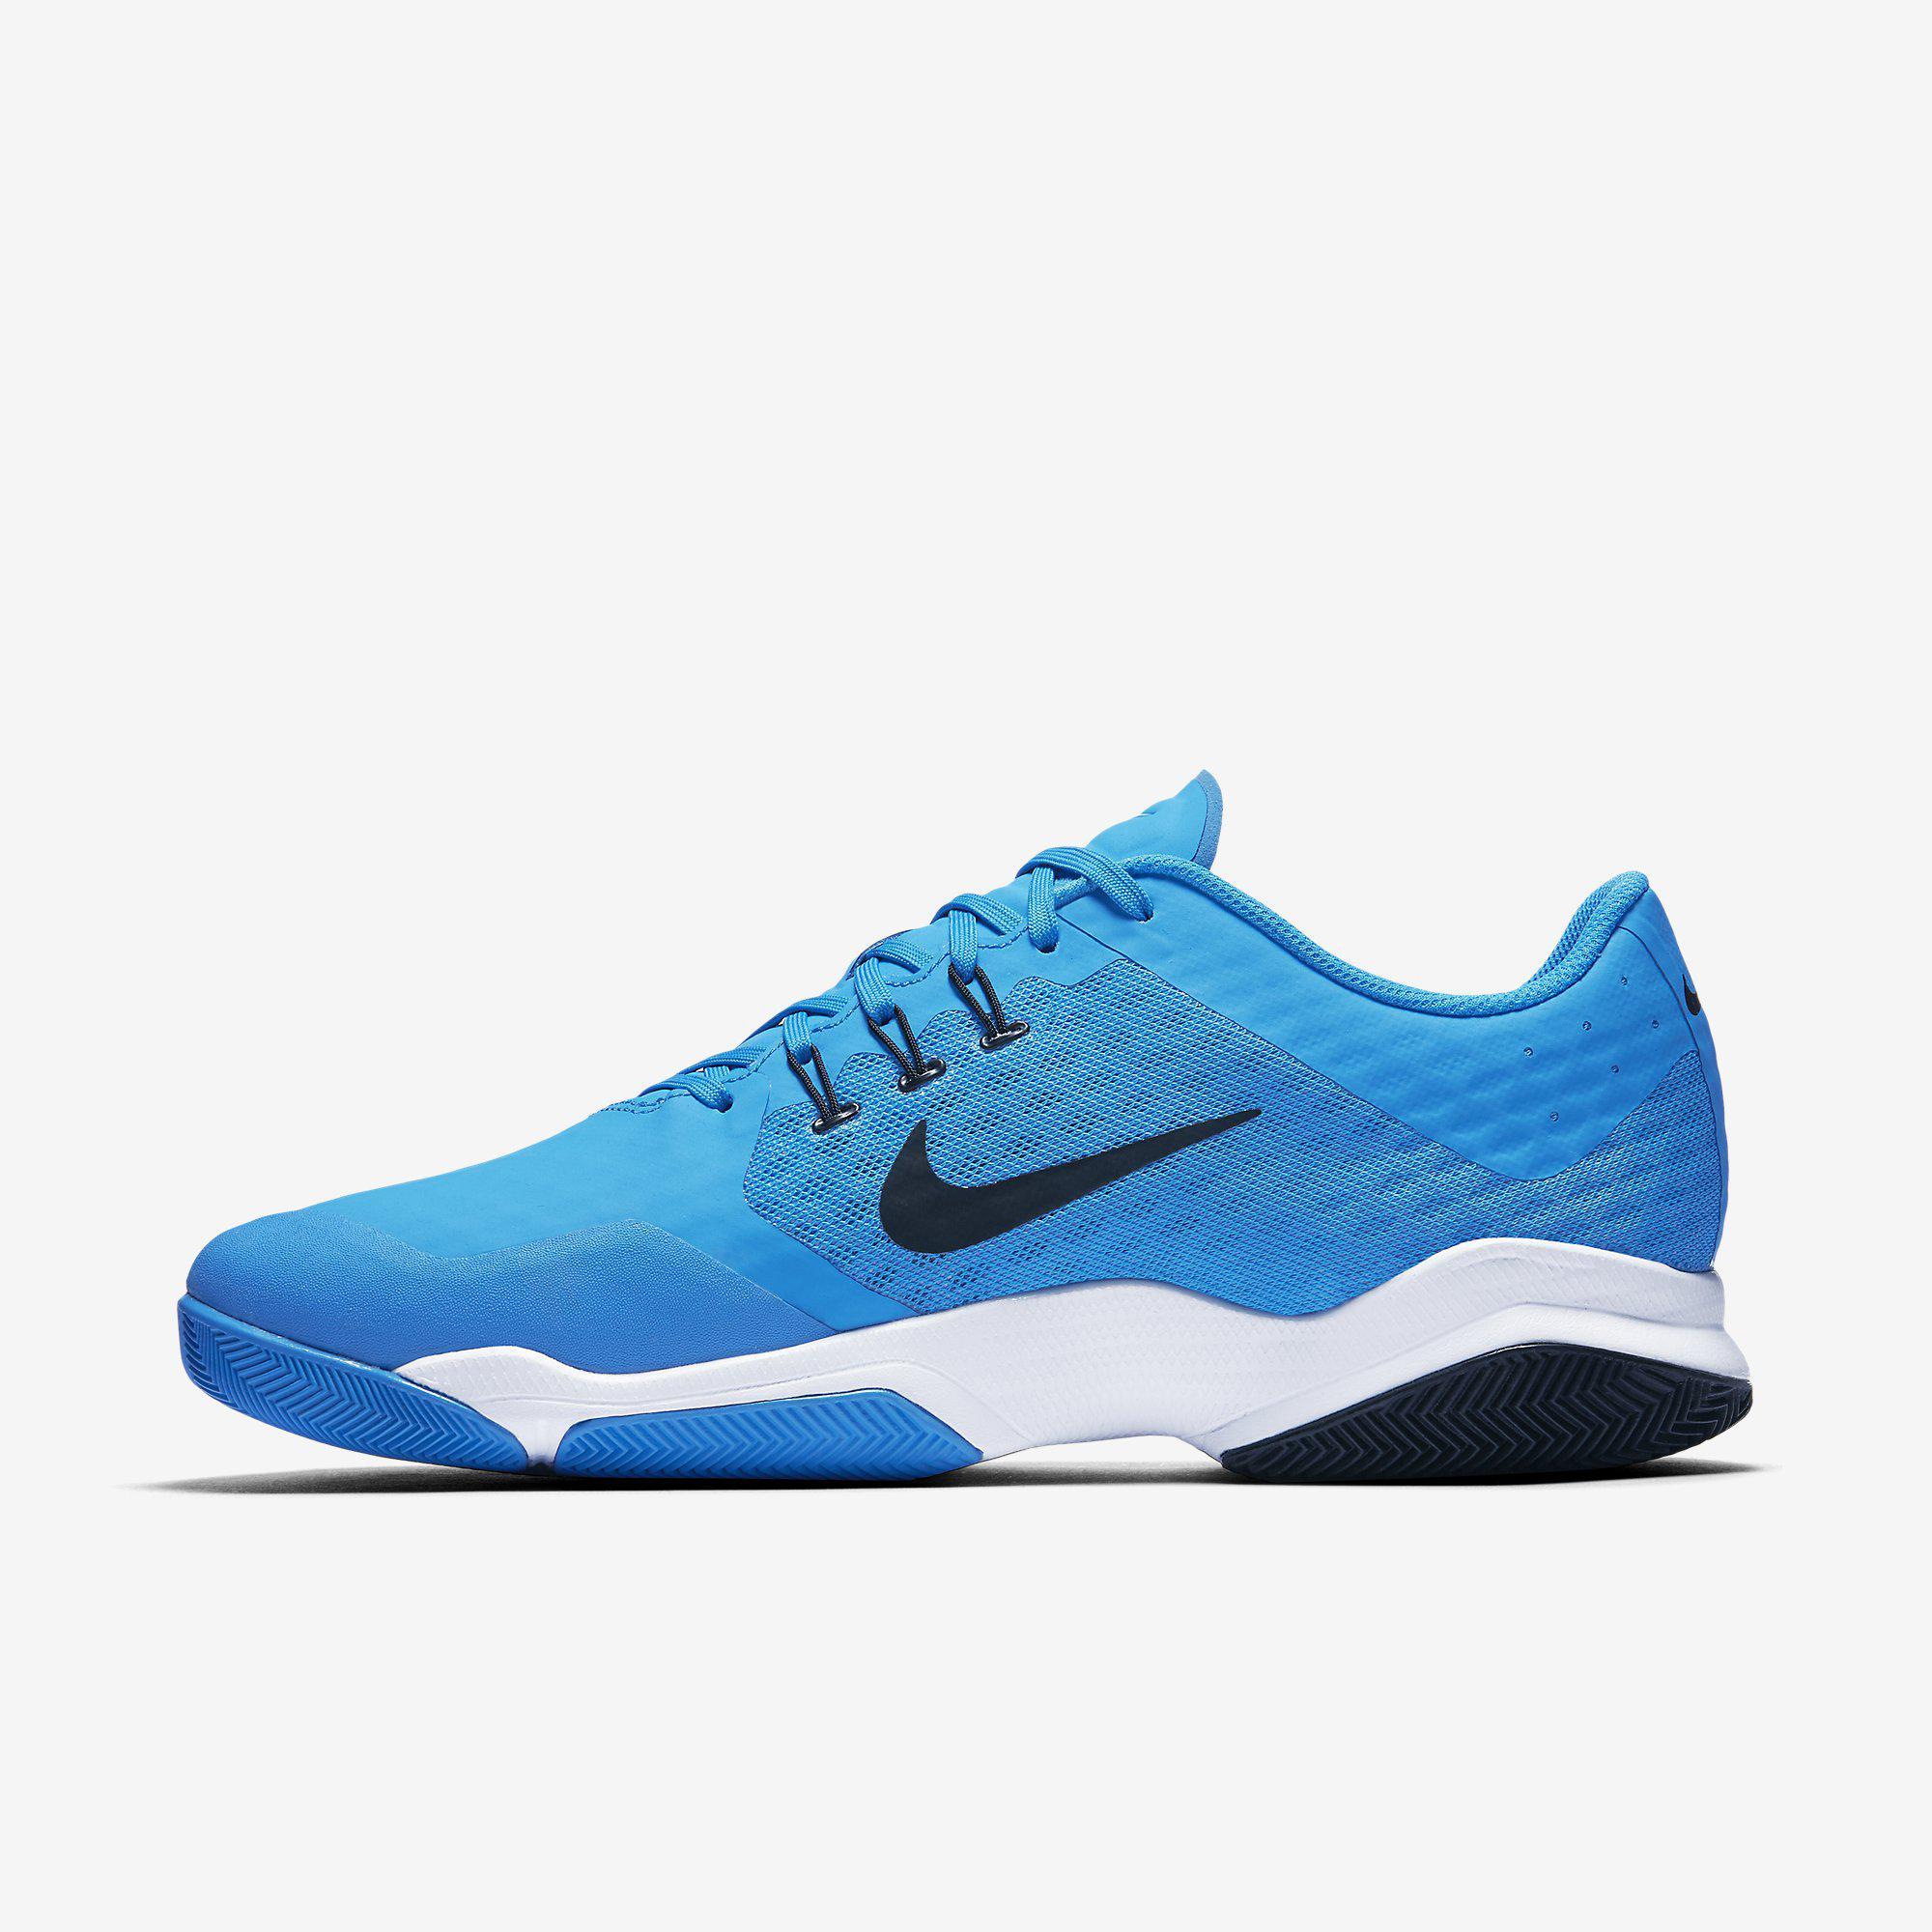 08eab92eb75ca Nike Mens Air Zoom Ultra Tennis Shoes - Blue Glow Black - Tennisnuts.com